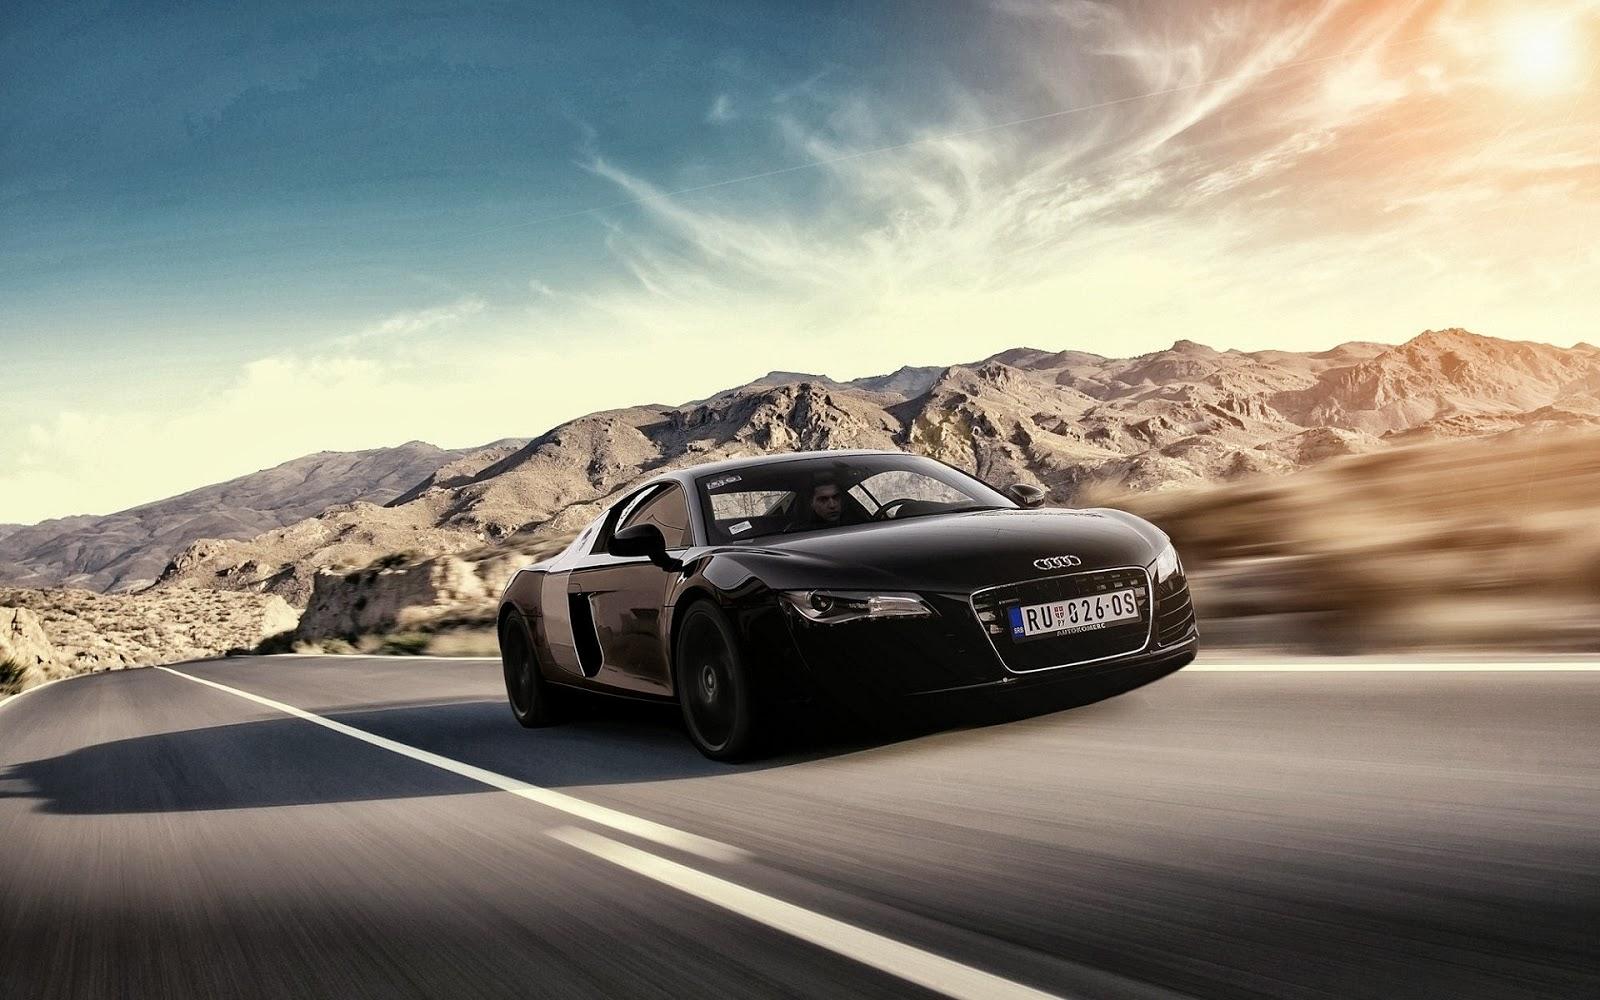 Fondos De Pantalla Coches: Fondo De Pantalla Coche Audi Negro